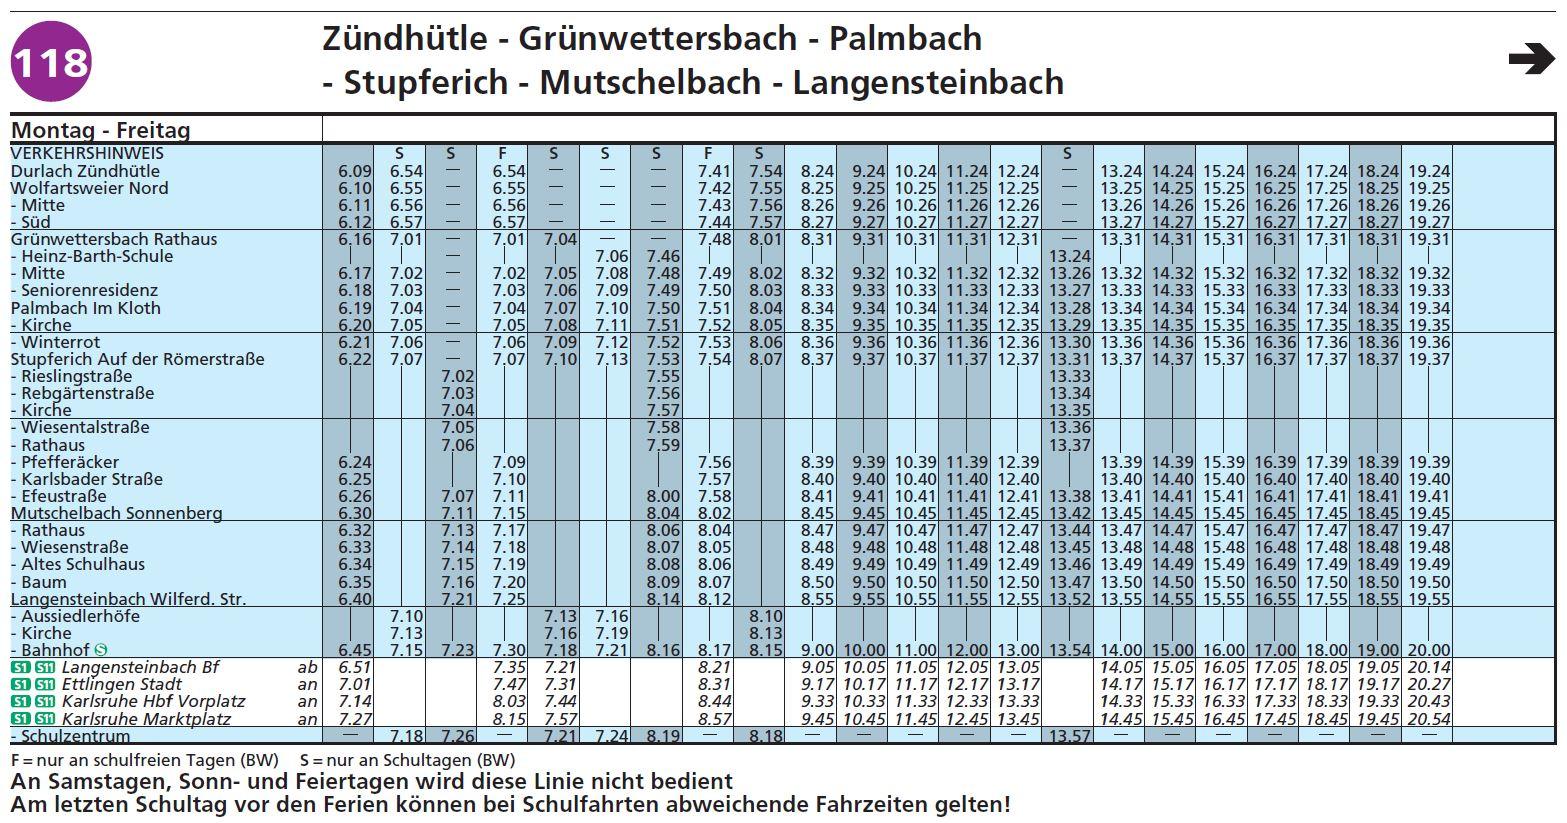 Fahrplan Linie 118 Zündhütle bis Langensteinbach